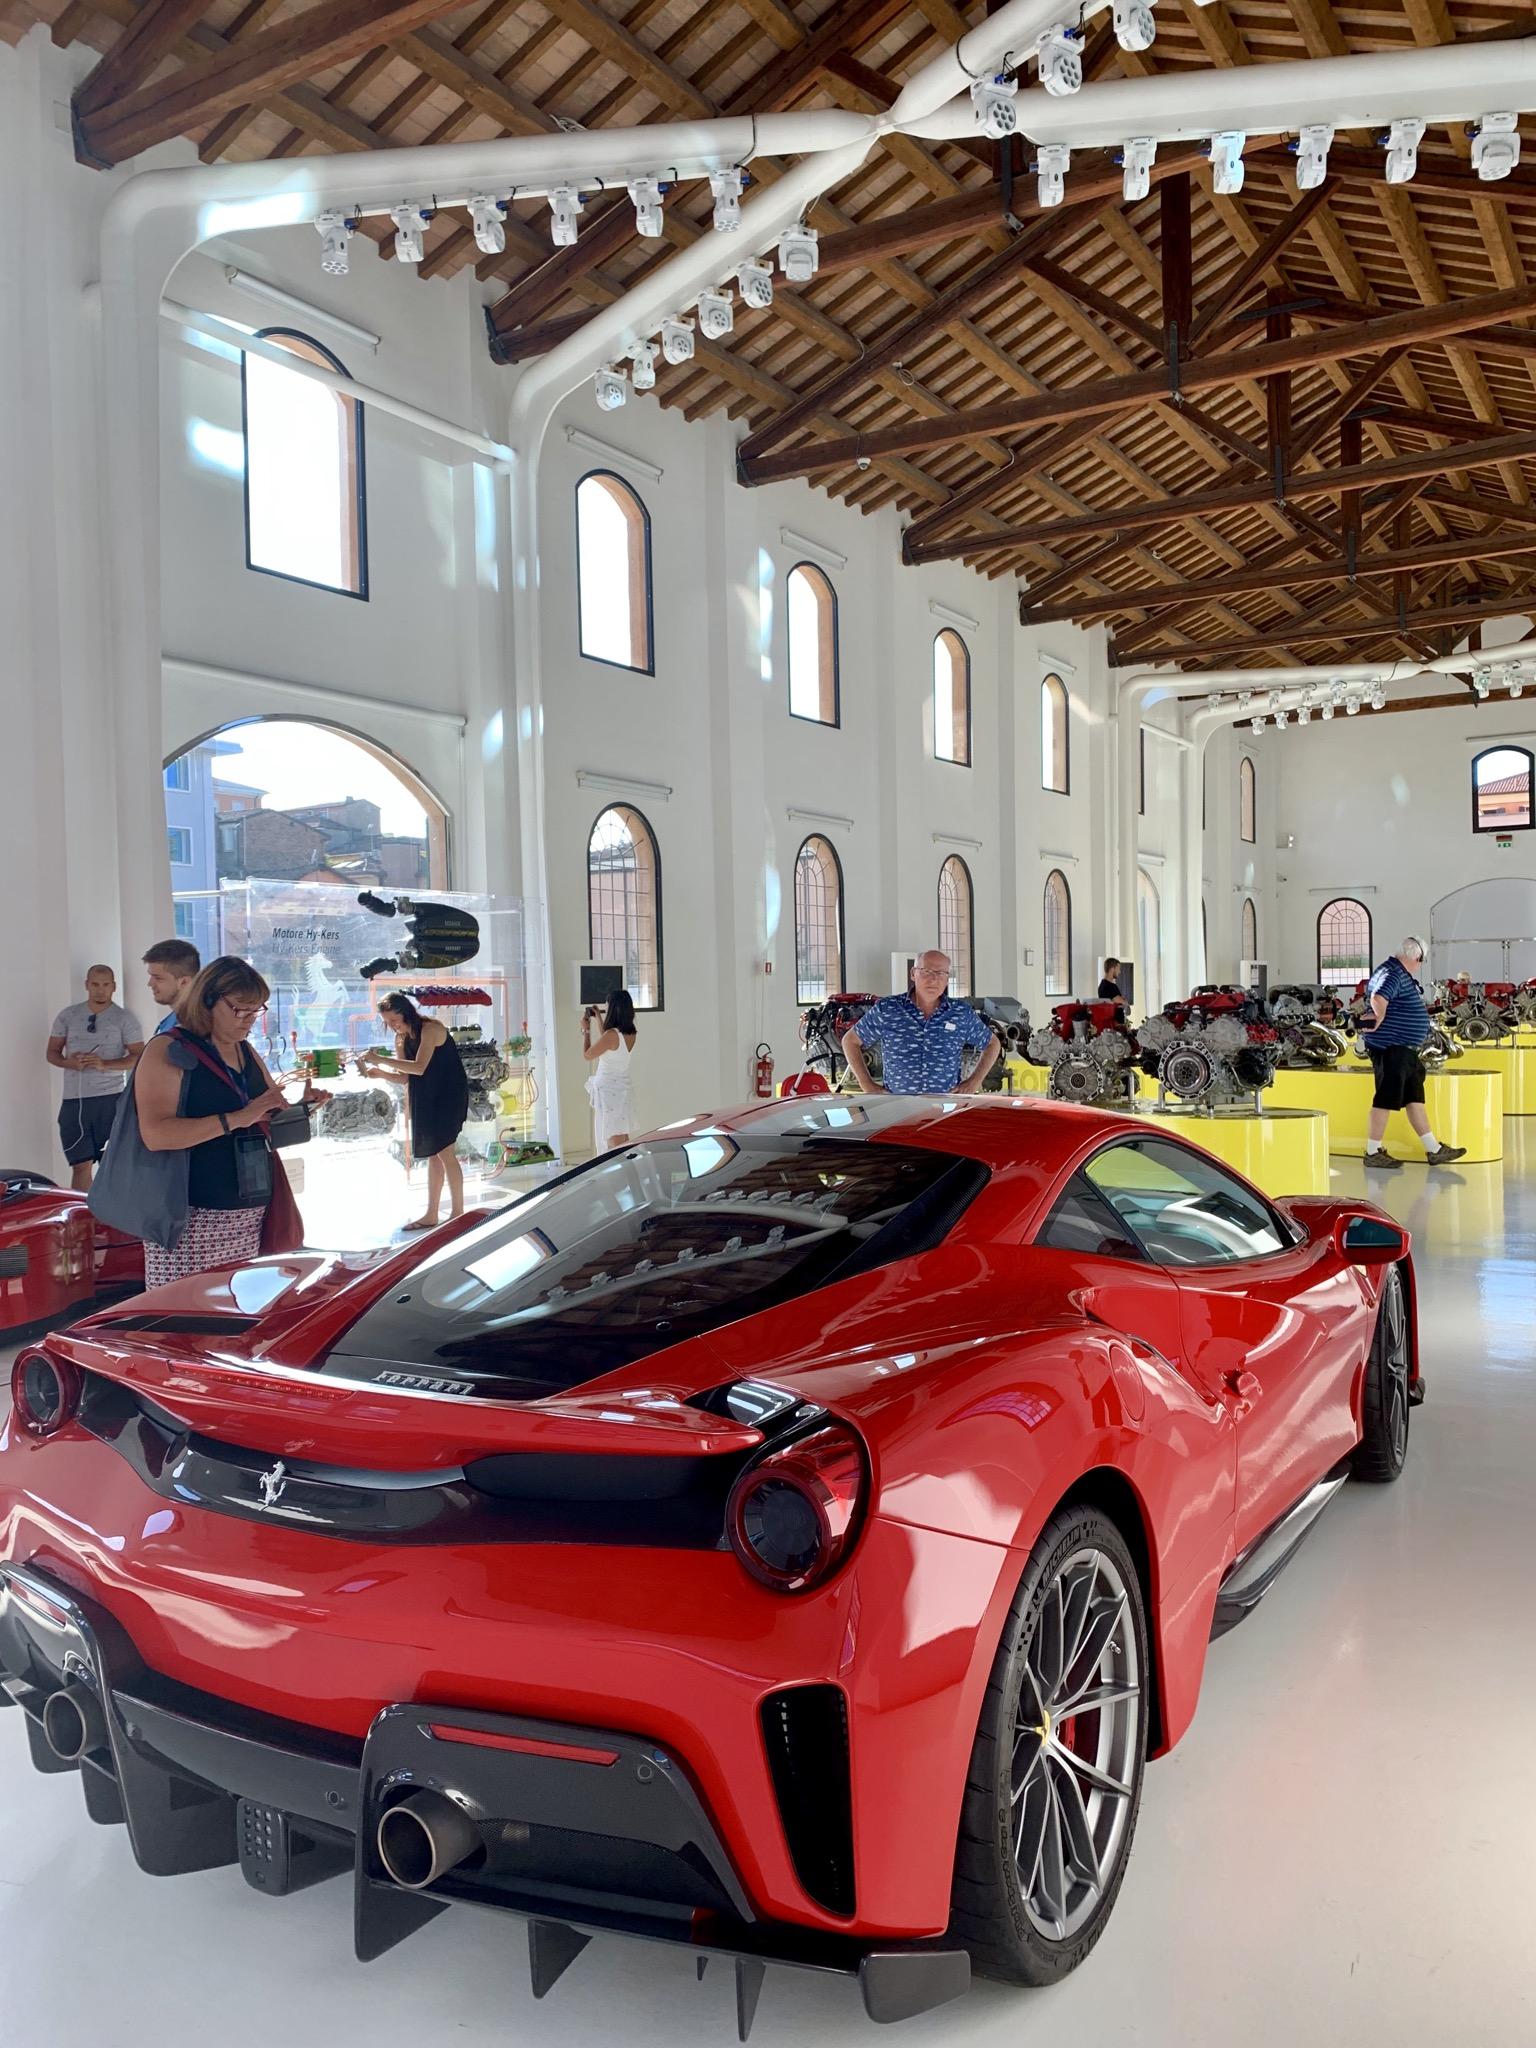 Ferrari Enzo 2019 : ferrari, File:Ferrari, Pista, Museo, Ferrari,, Modena,, Italy,, 2019,, 01.jpg, Wikimedia, Commons